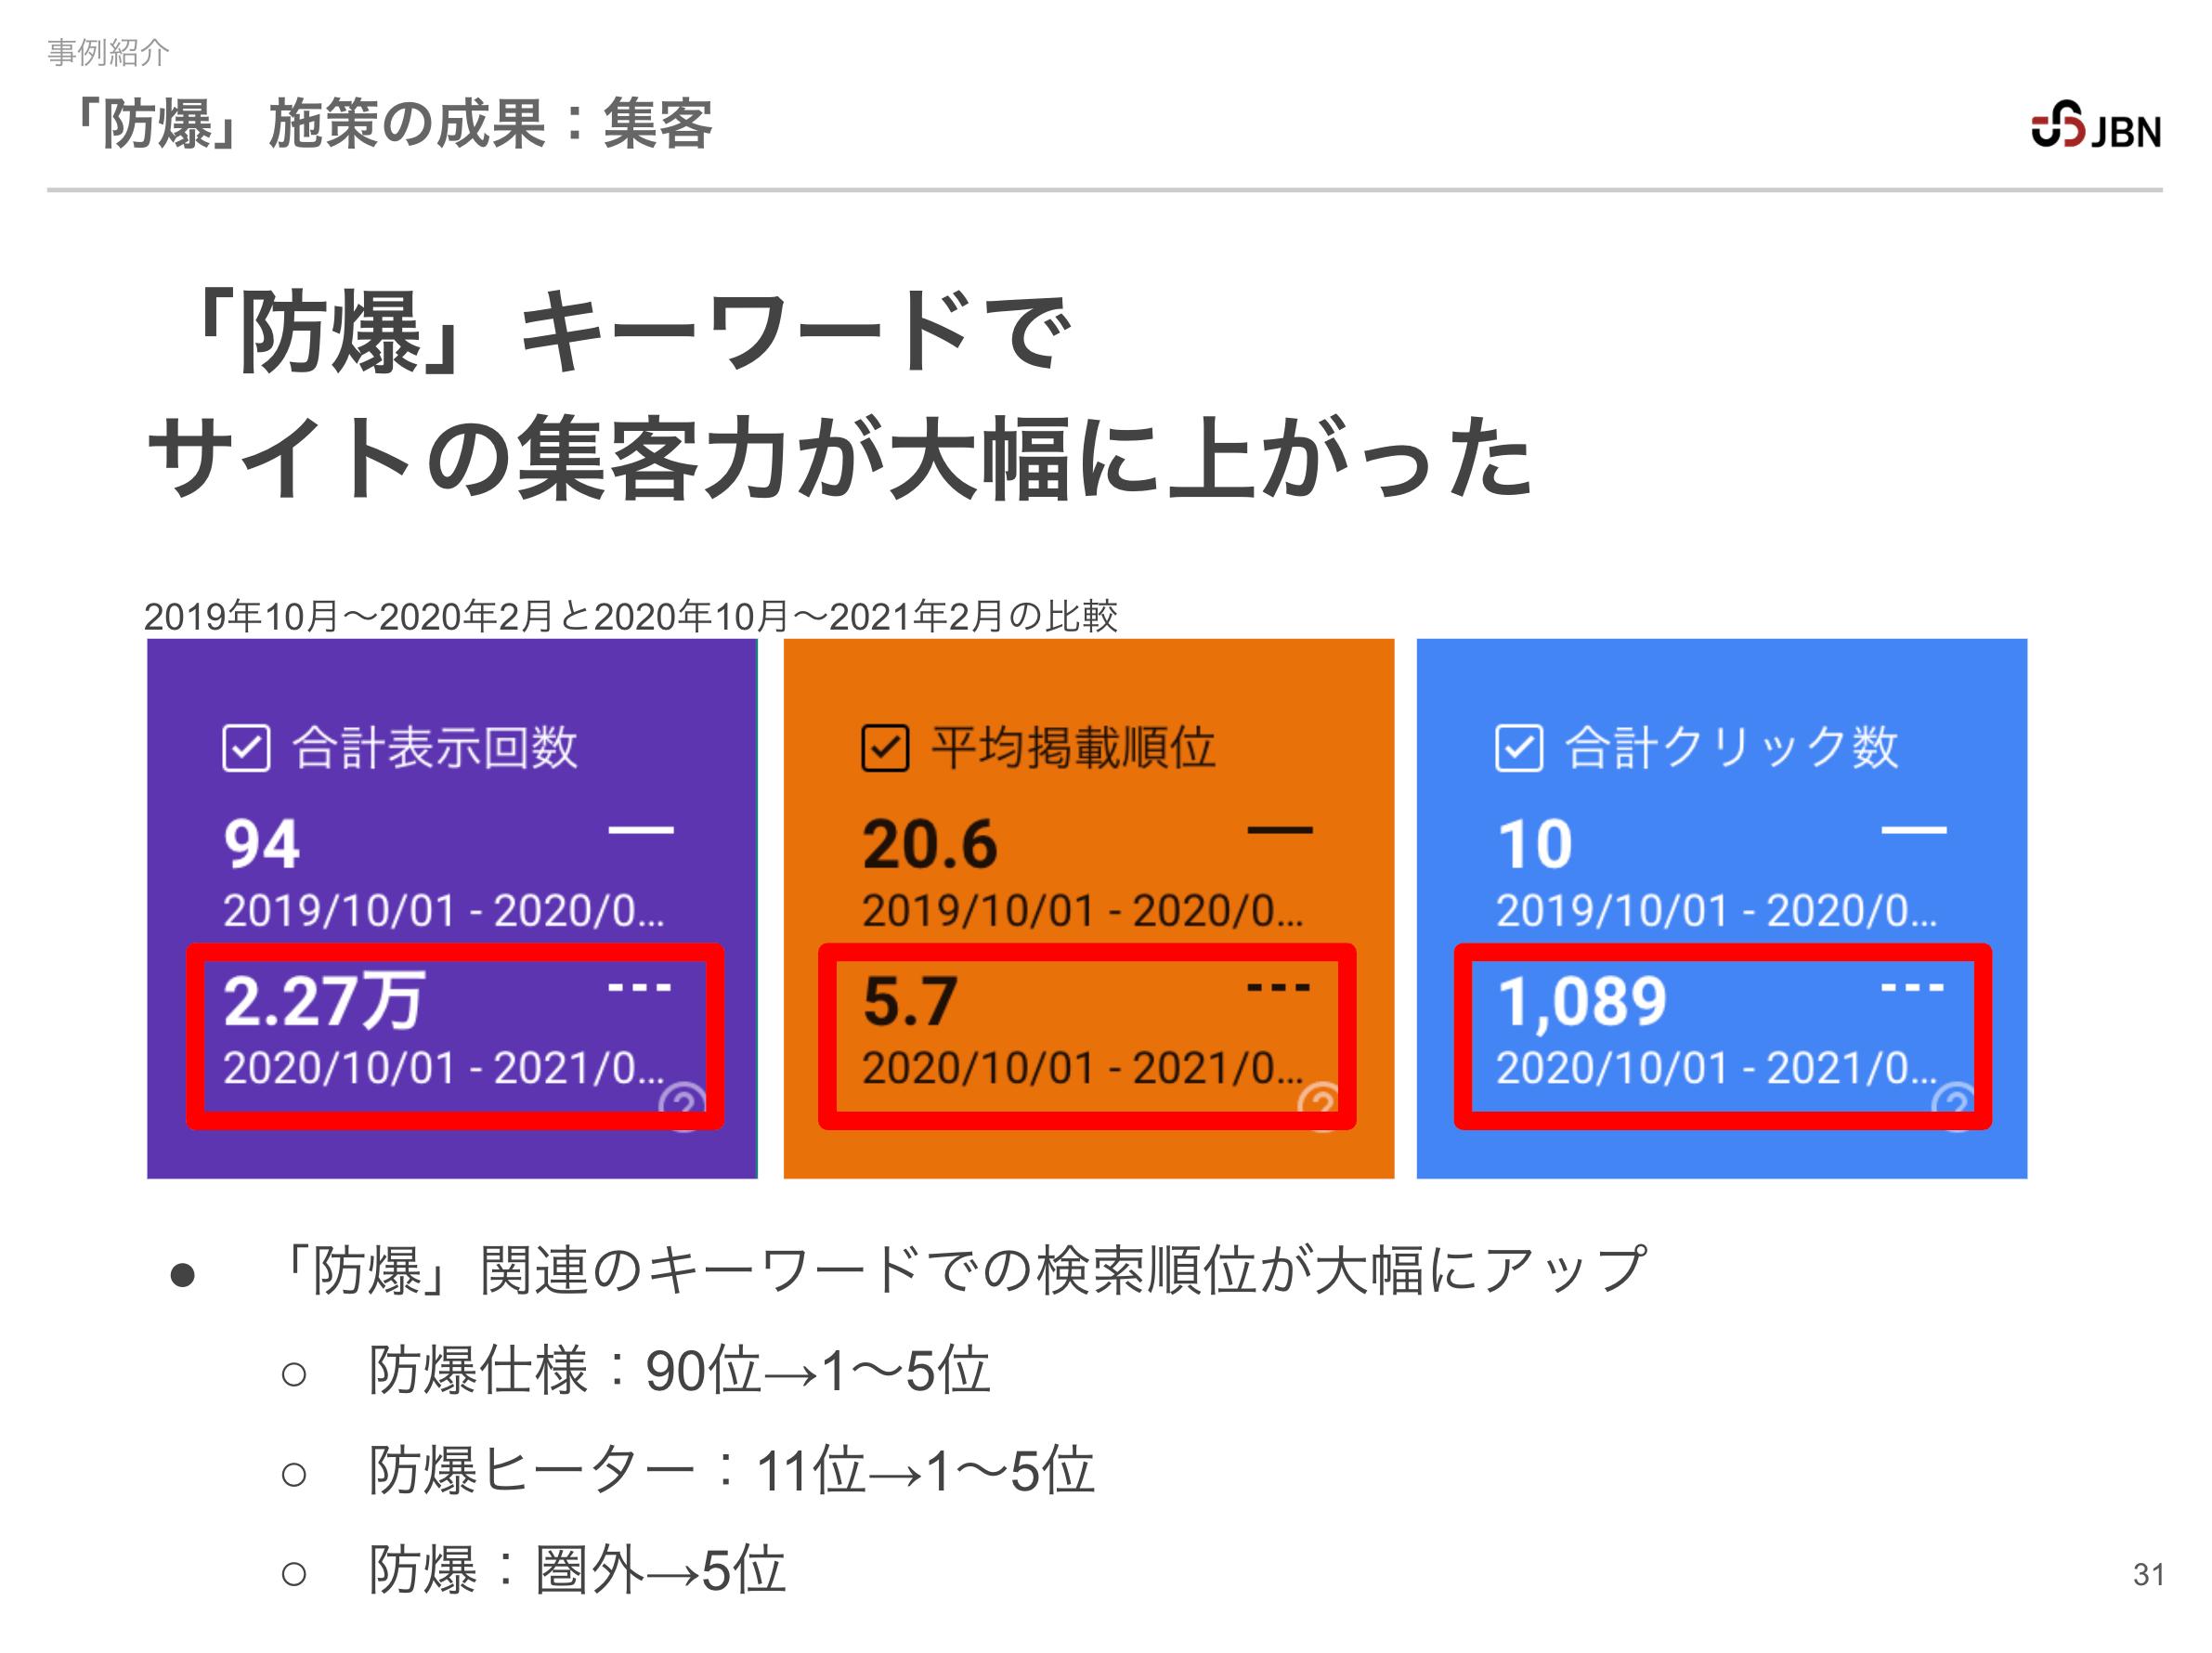 日本電熱_訪問数増加